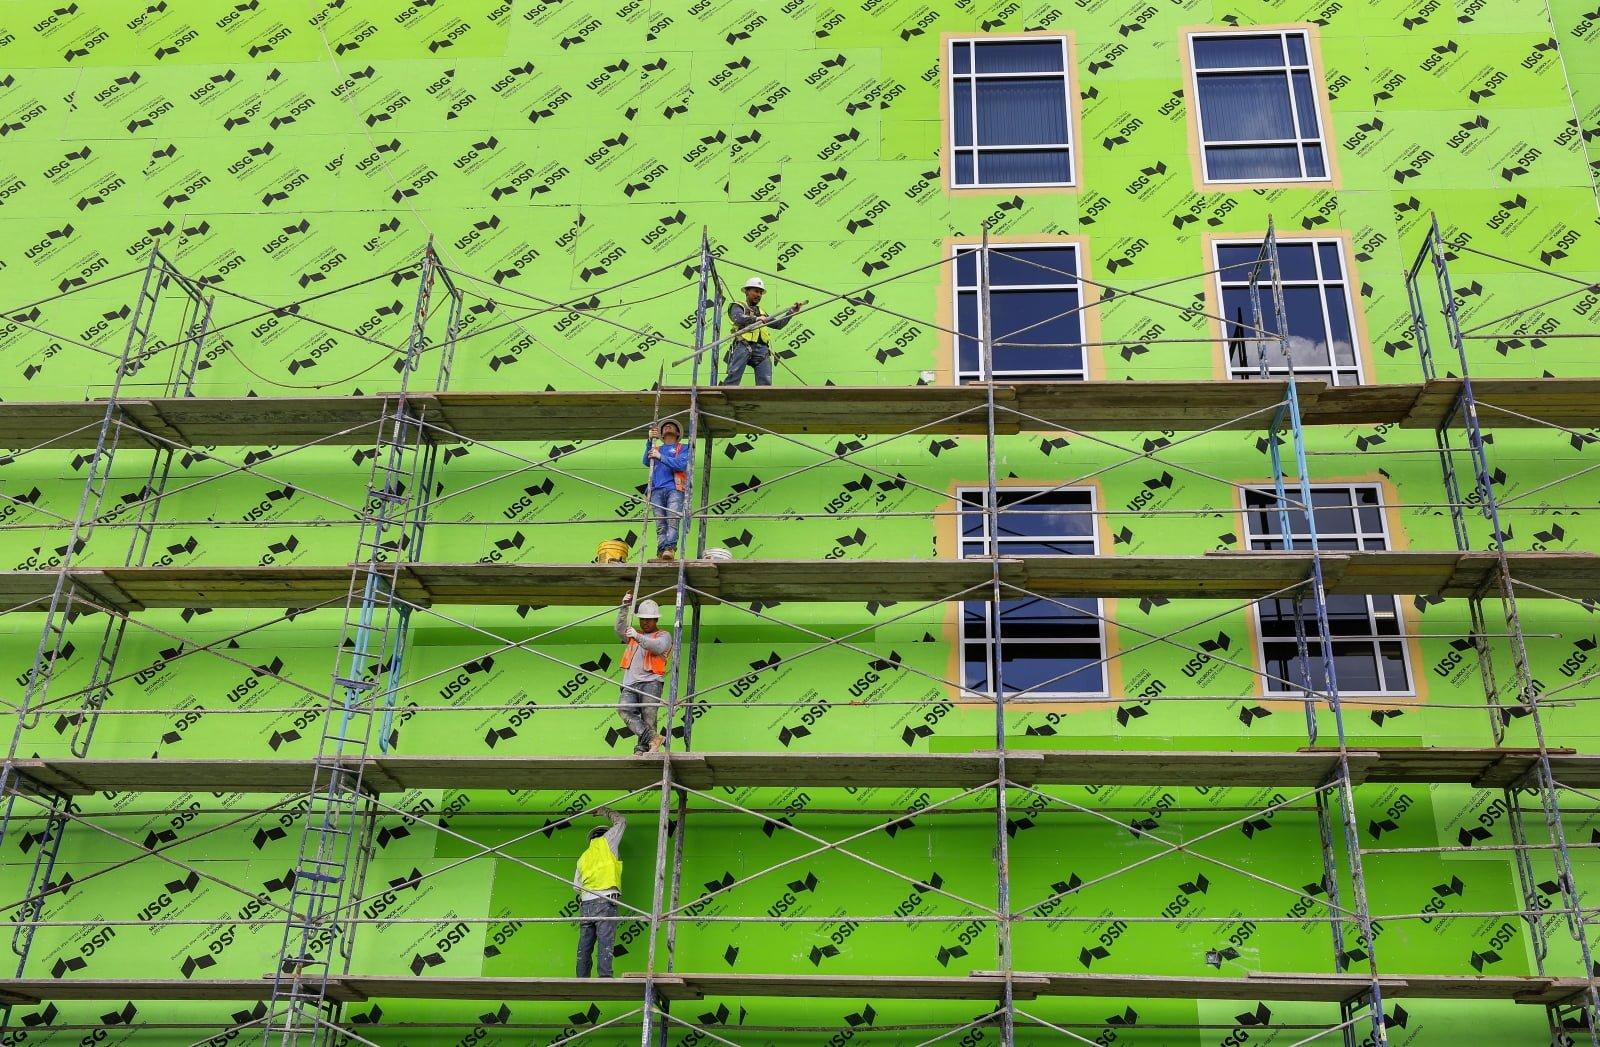 Robocza fasada remontowanego budynku, Decatur, USA.